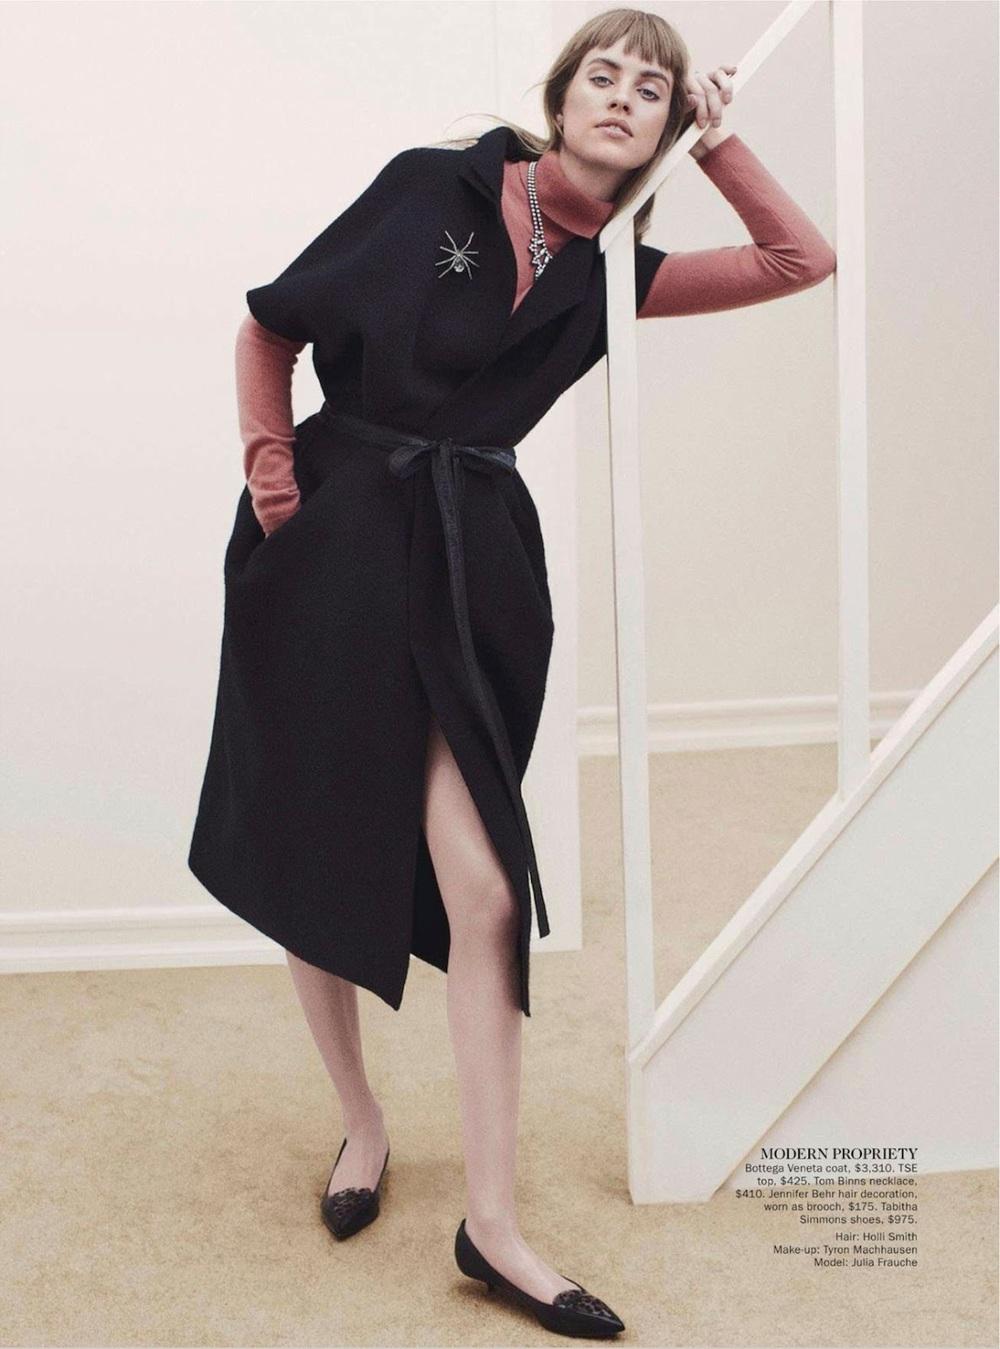 Bottega Veneta coat photo via Vogue Australia